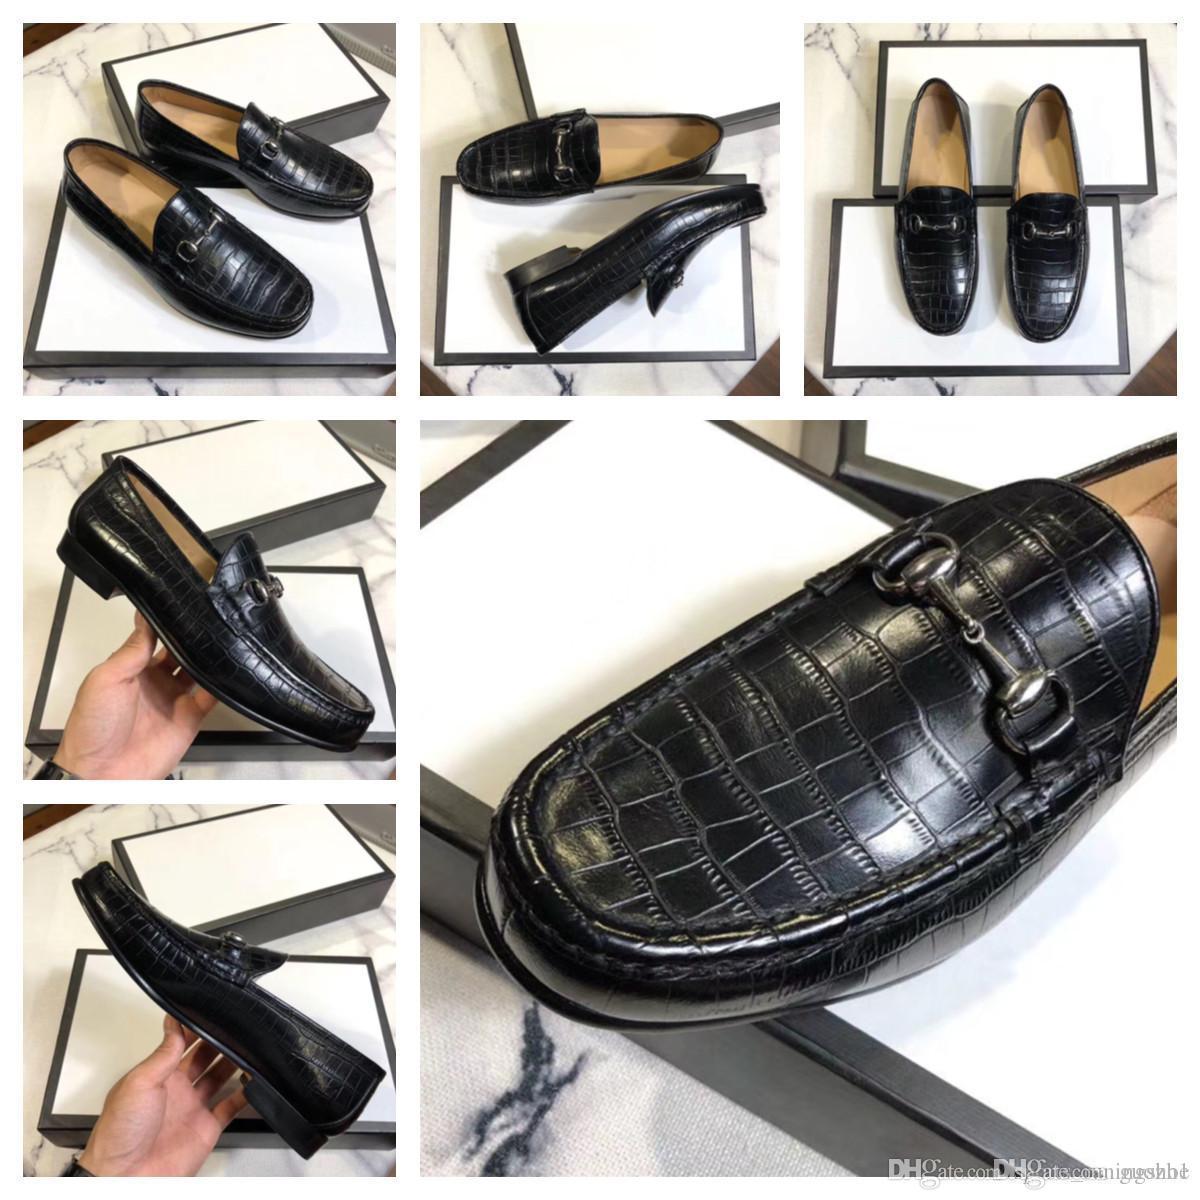 G1 2019 Классические Официальные Обувь Мужчины Мода Стиль Натуральная Кожа Оксфорд Платье Обувь Итальянский Ручной работы Мужская крокодиловая обувь 22